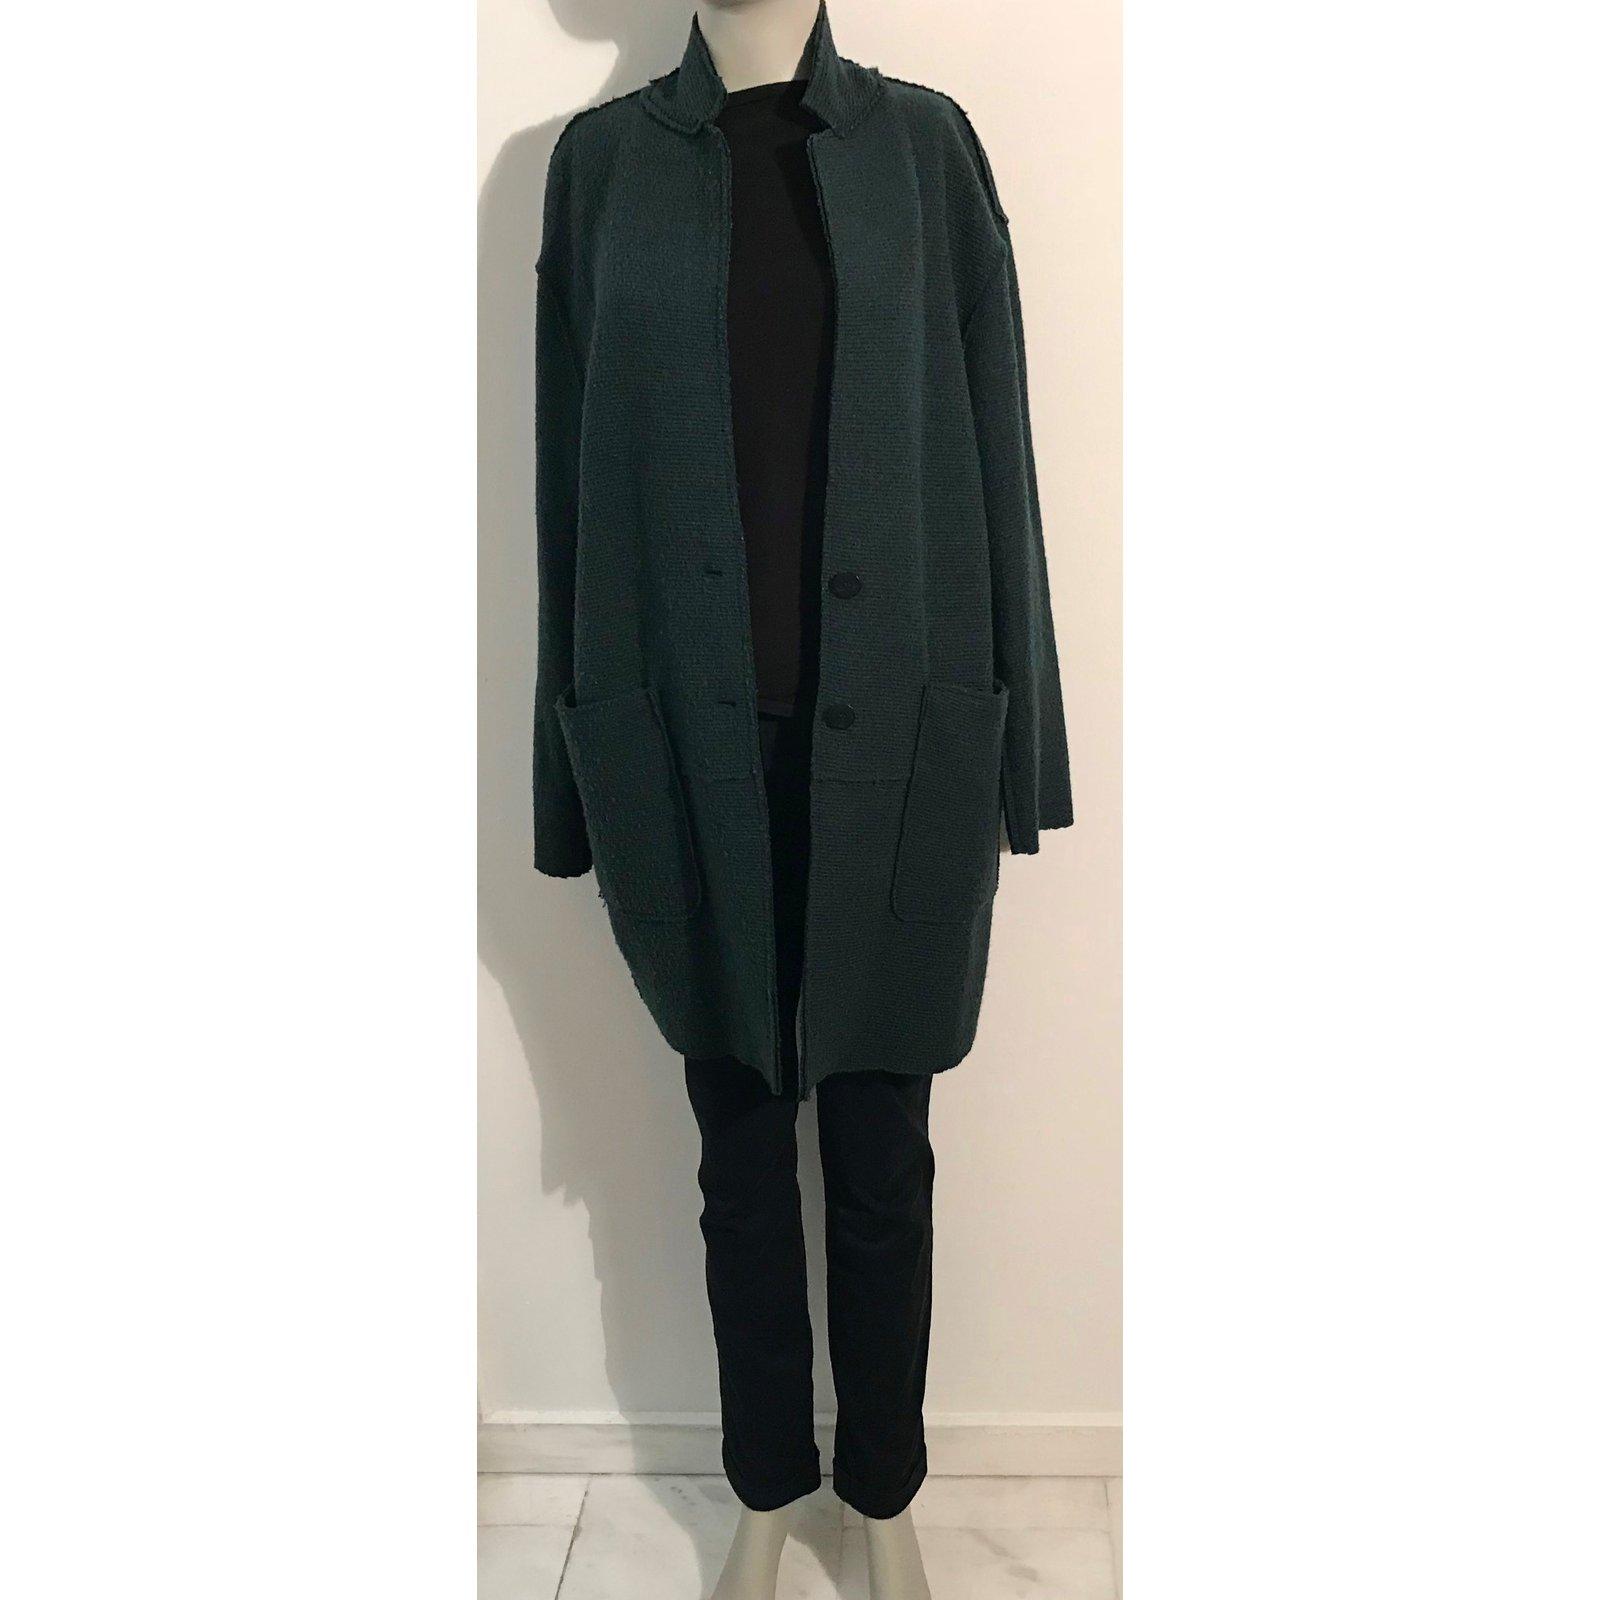 Manteau Vert Manteau Manteau Vert Emeraude Emeraude Emeraude Zara Vert Emeraude Vert Zara Zara Manteau wOXNn0ZP8k